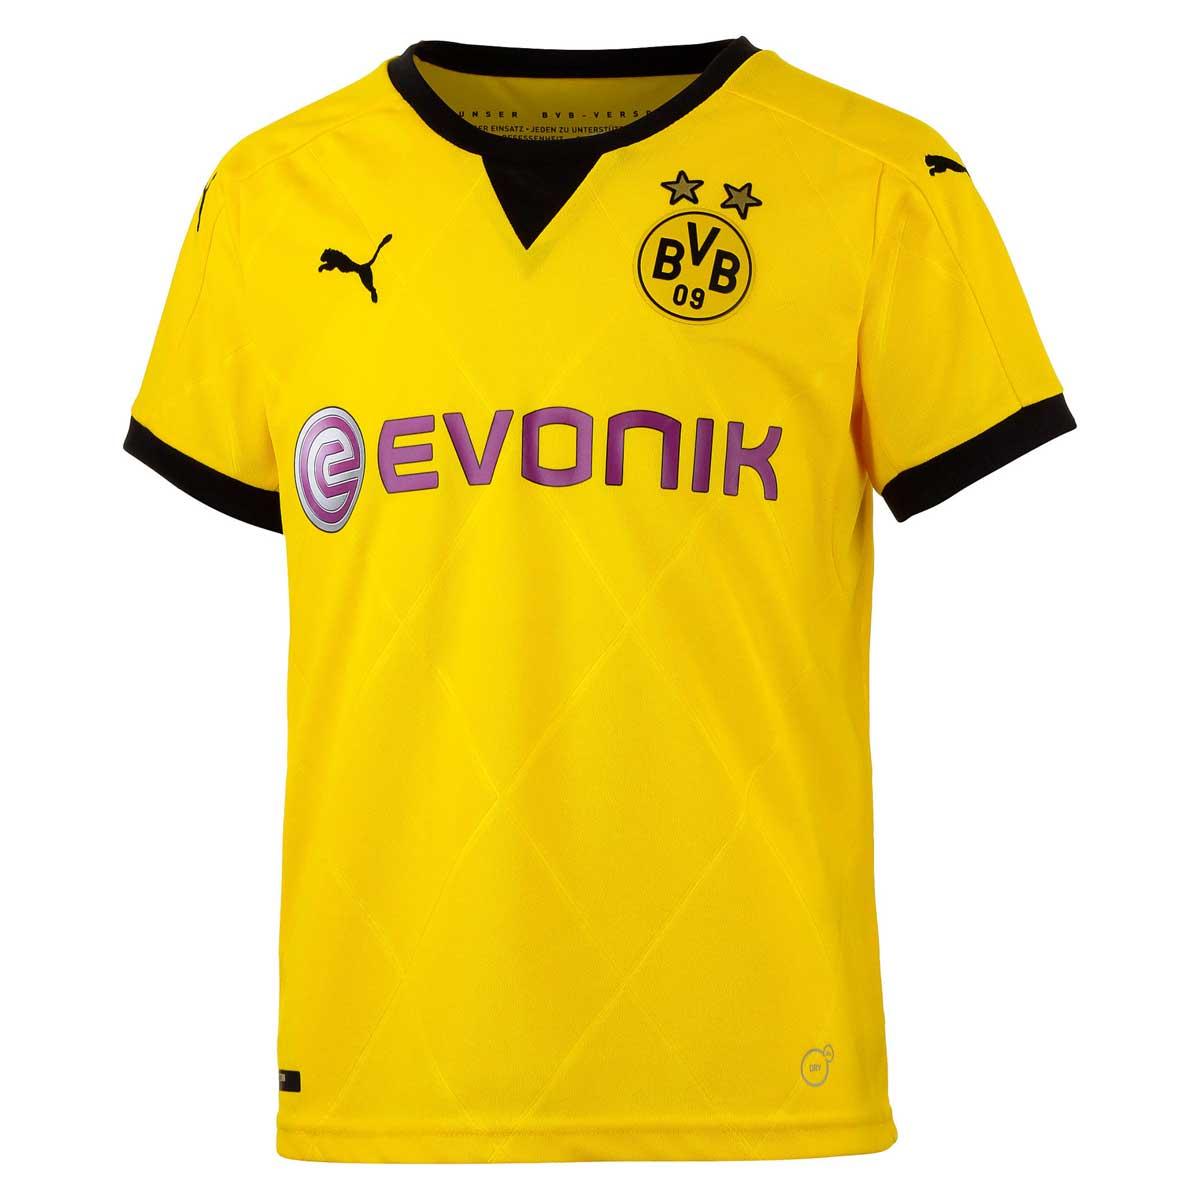 280c90175b1 Puma Borussia Dortmund Int'L - T-Shirts for Men - Yellow | 21RUN